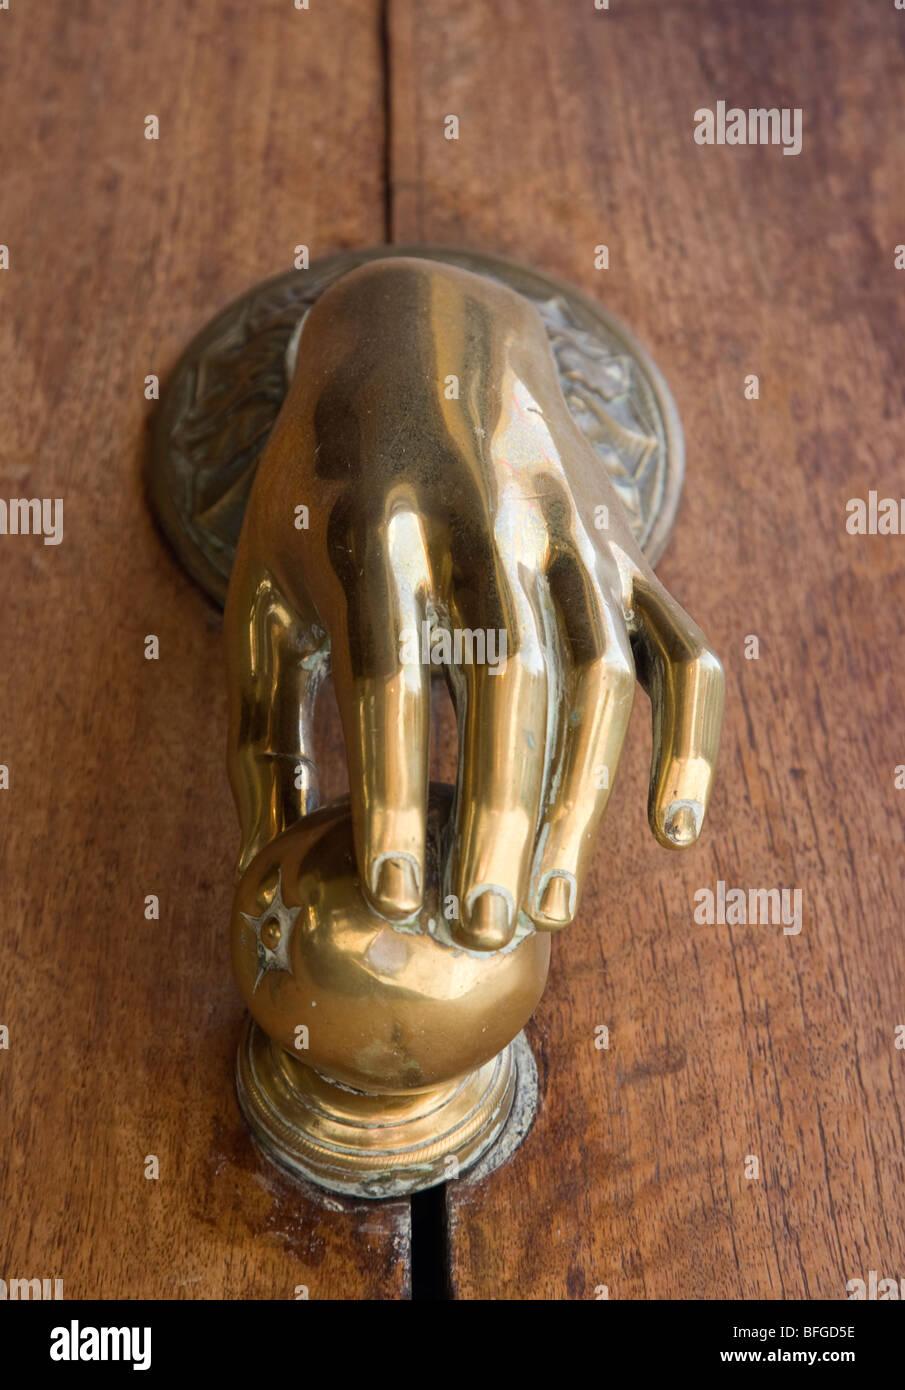 Brass Hand Door Knocker On A Wooden Door